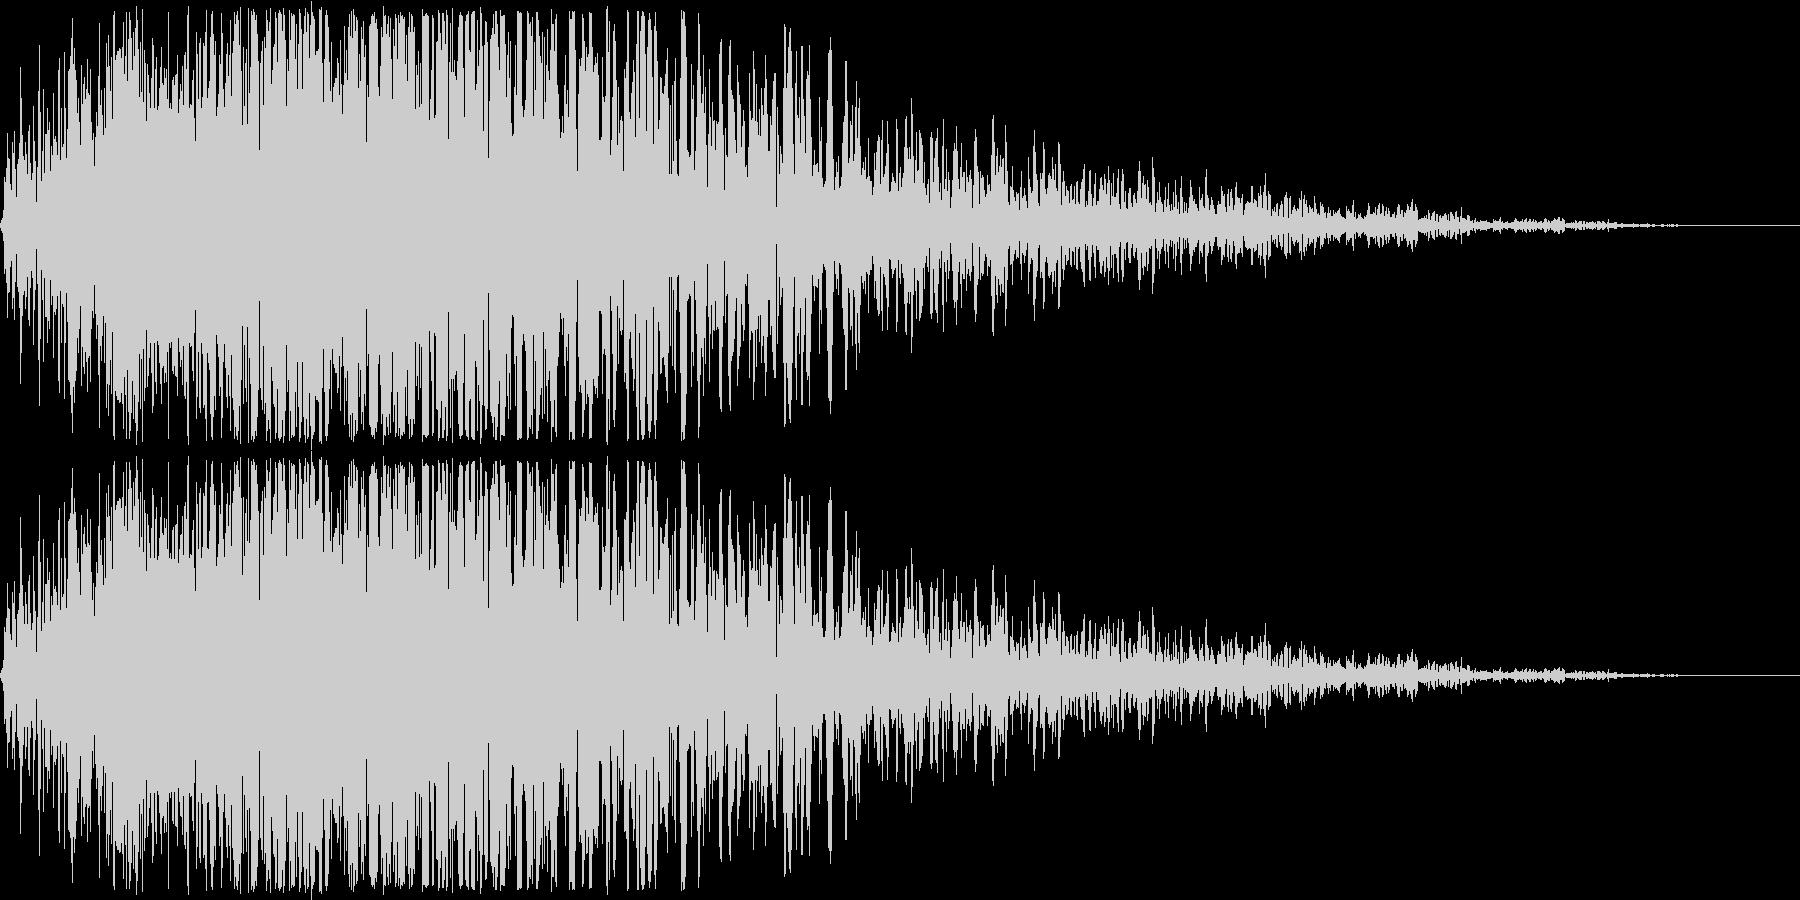 ゲームで使われそうな地響きのような低音…の未再生の波形